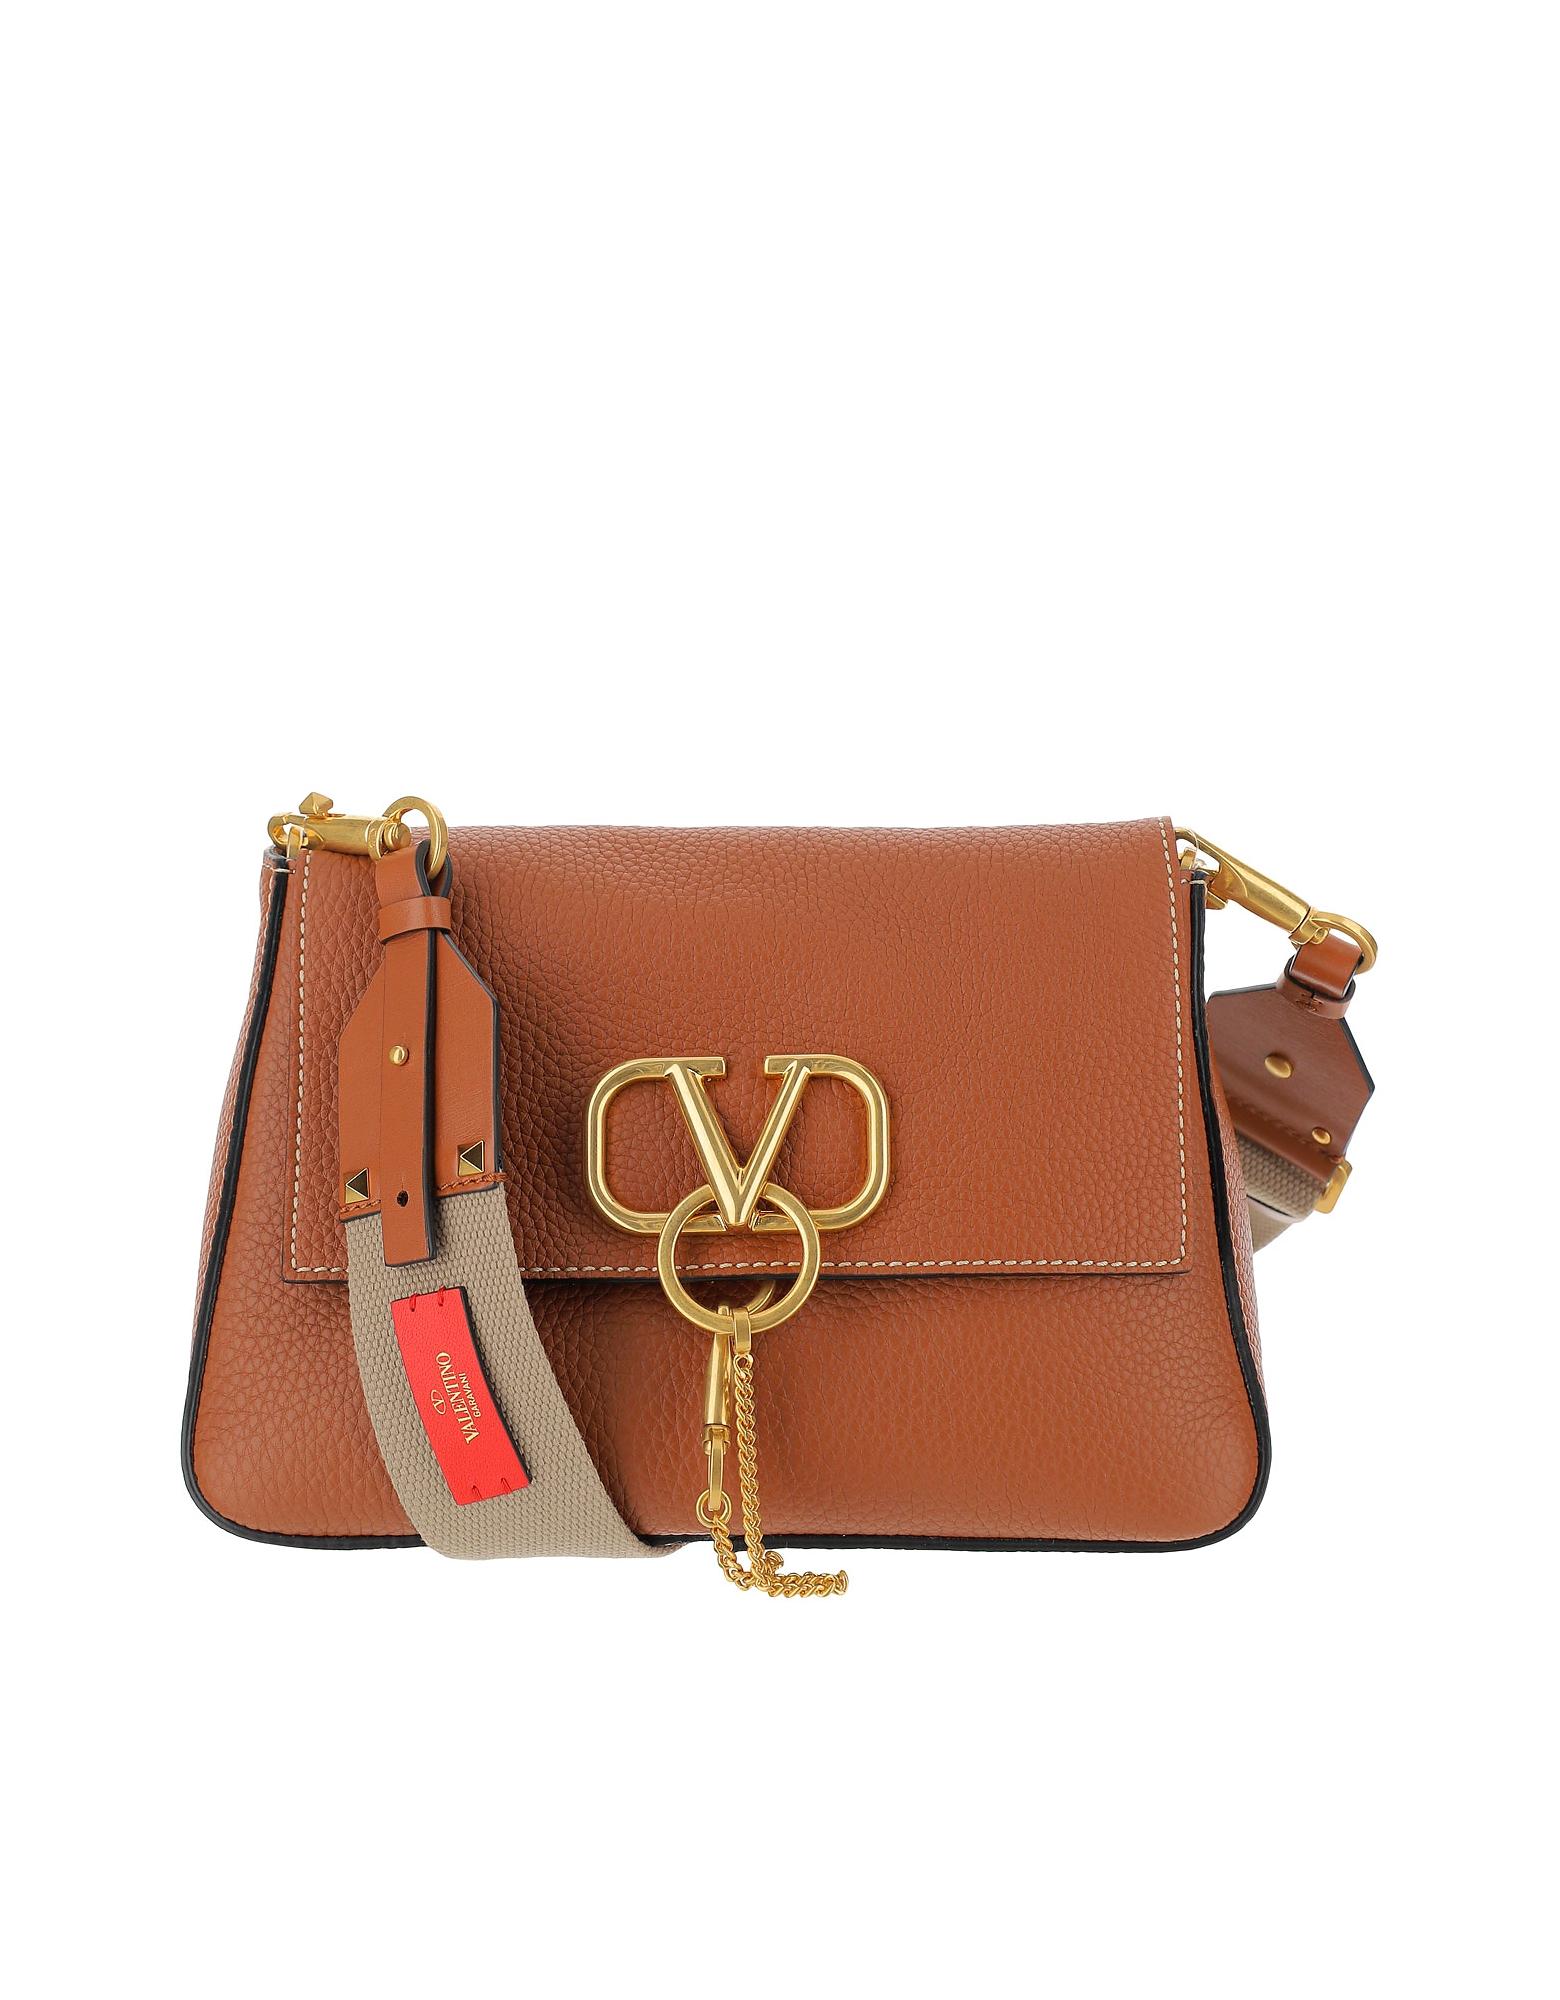 Valentino Designer Handbags, Hammered Leather Vring Shoulder Bag